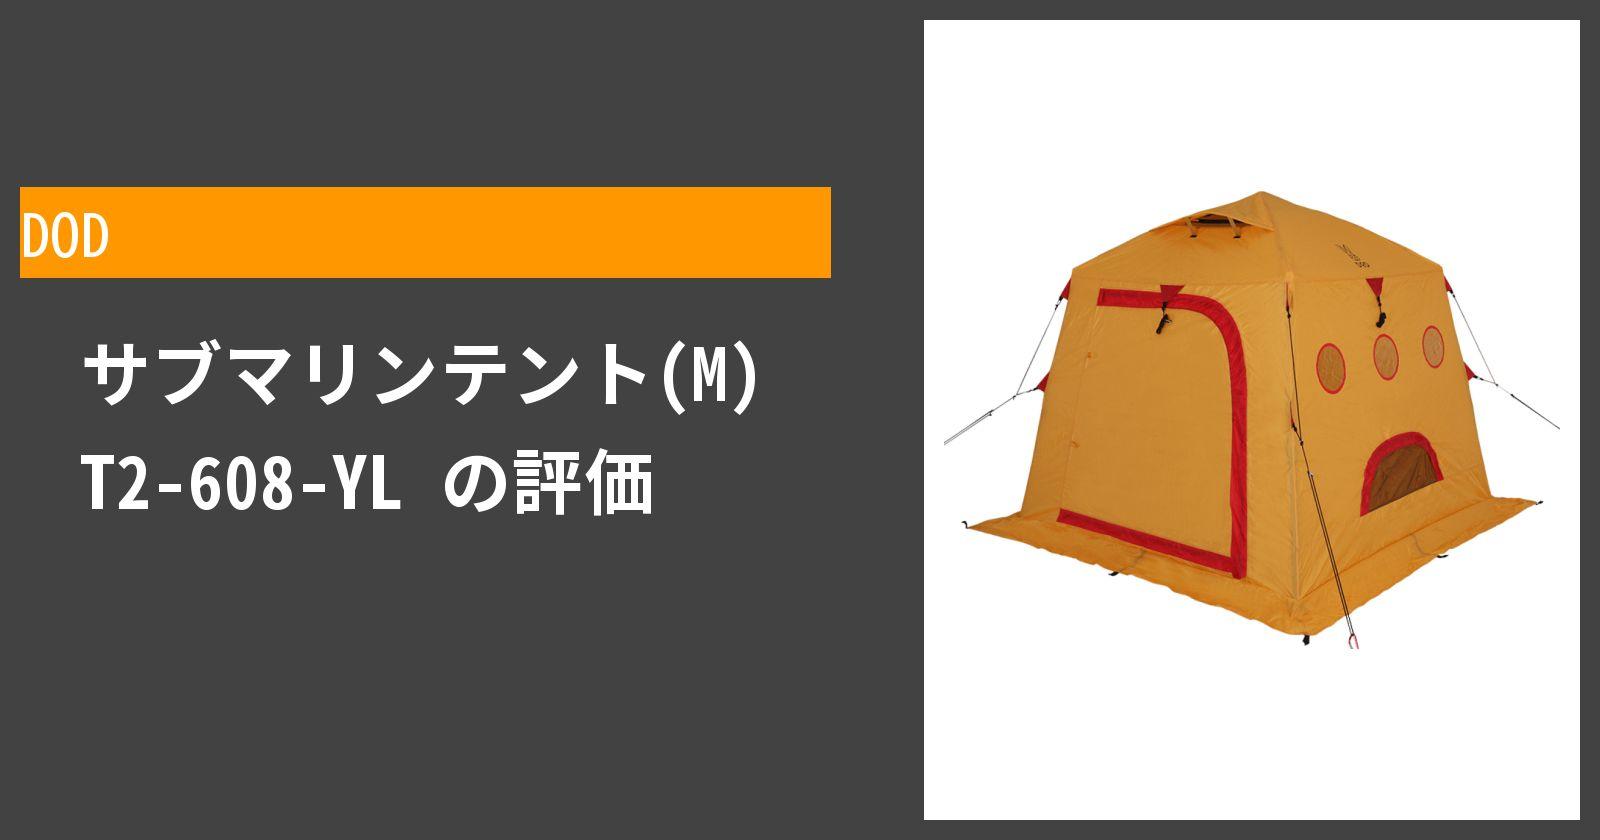 サブマリンテント(M) T2-608-YLを徹底評価